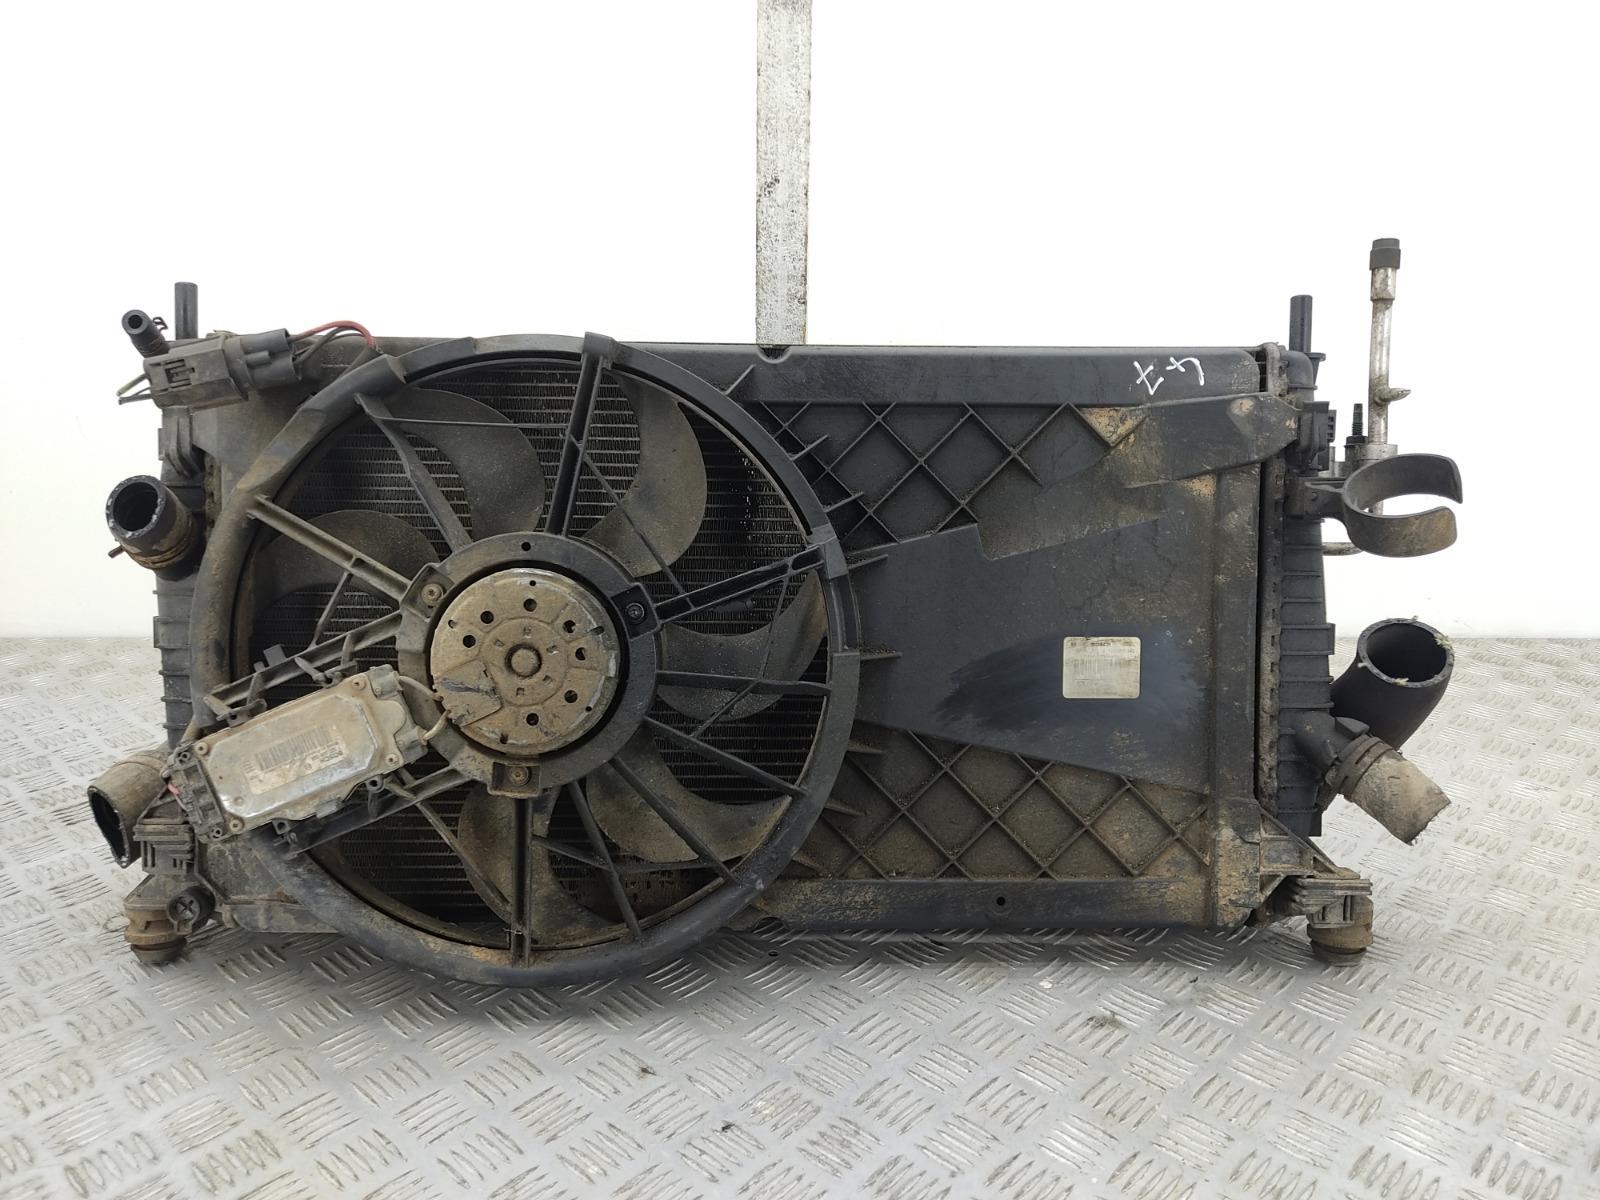 Кассета радиаторов Ford Focus 1.6 TDCI 2010 (б/у)